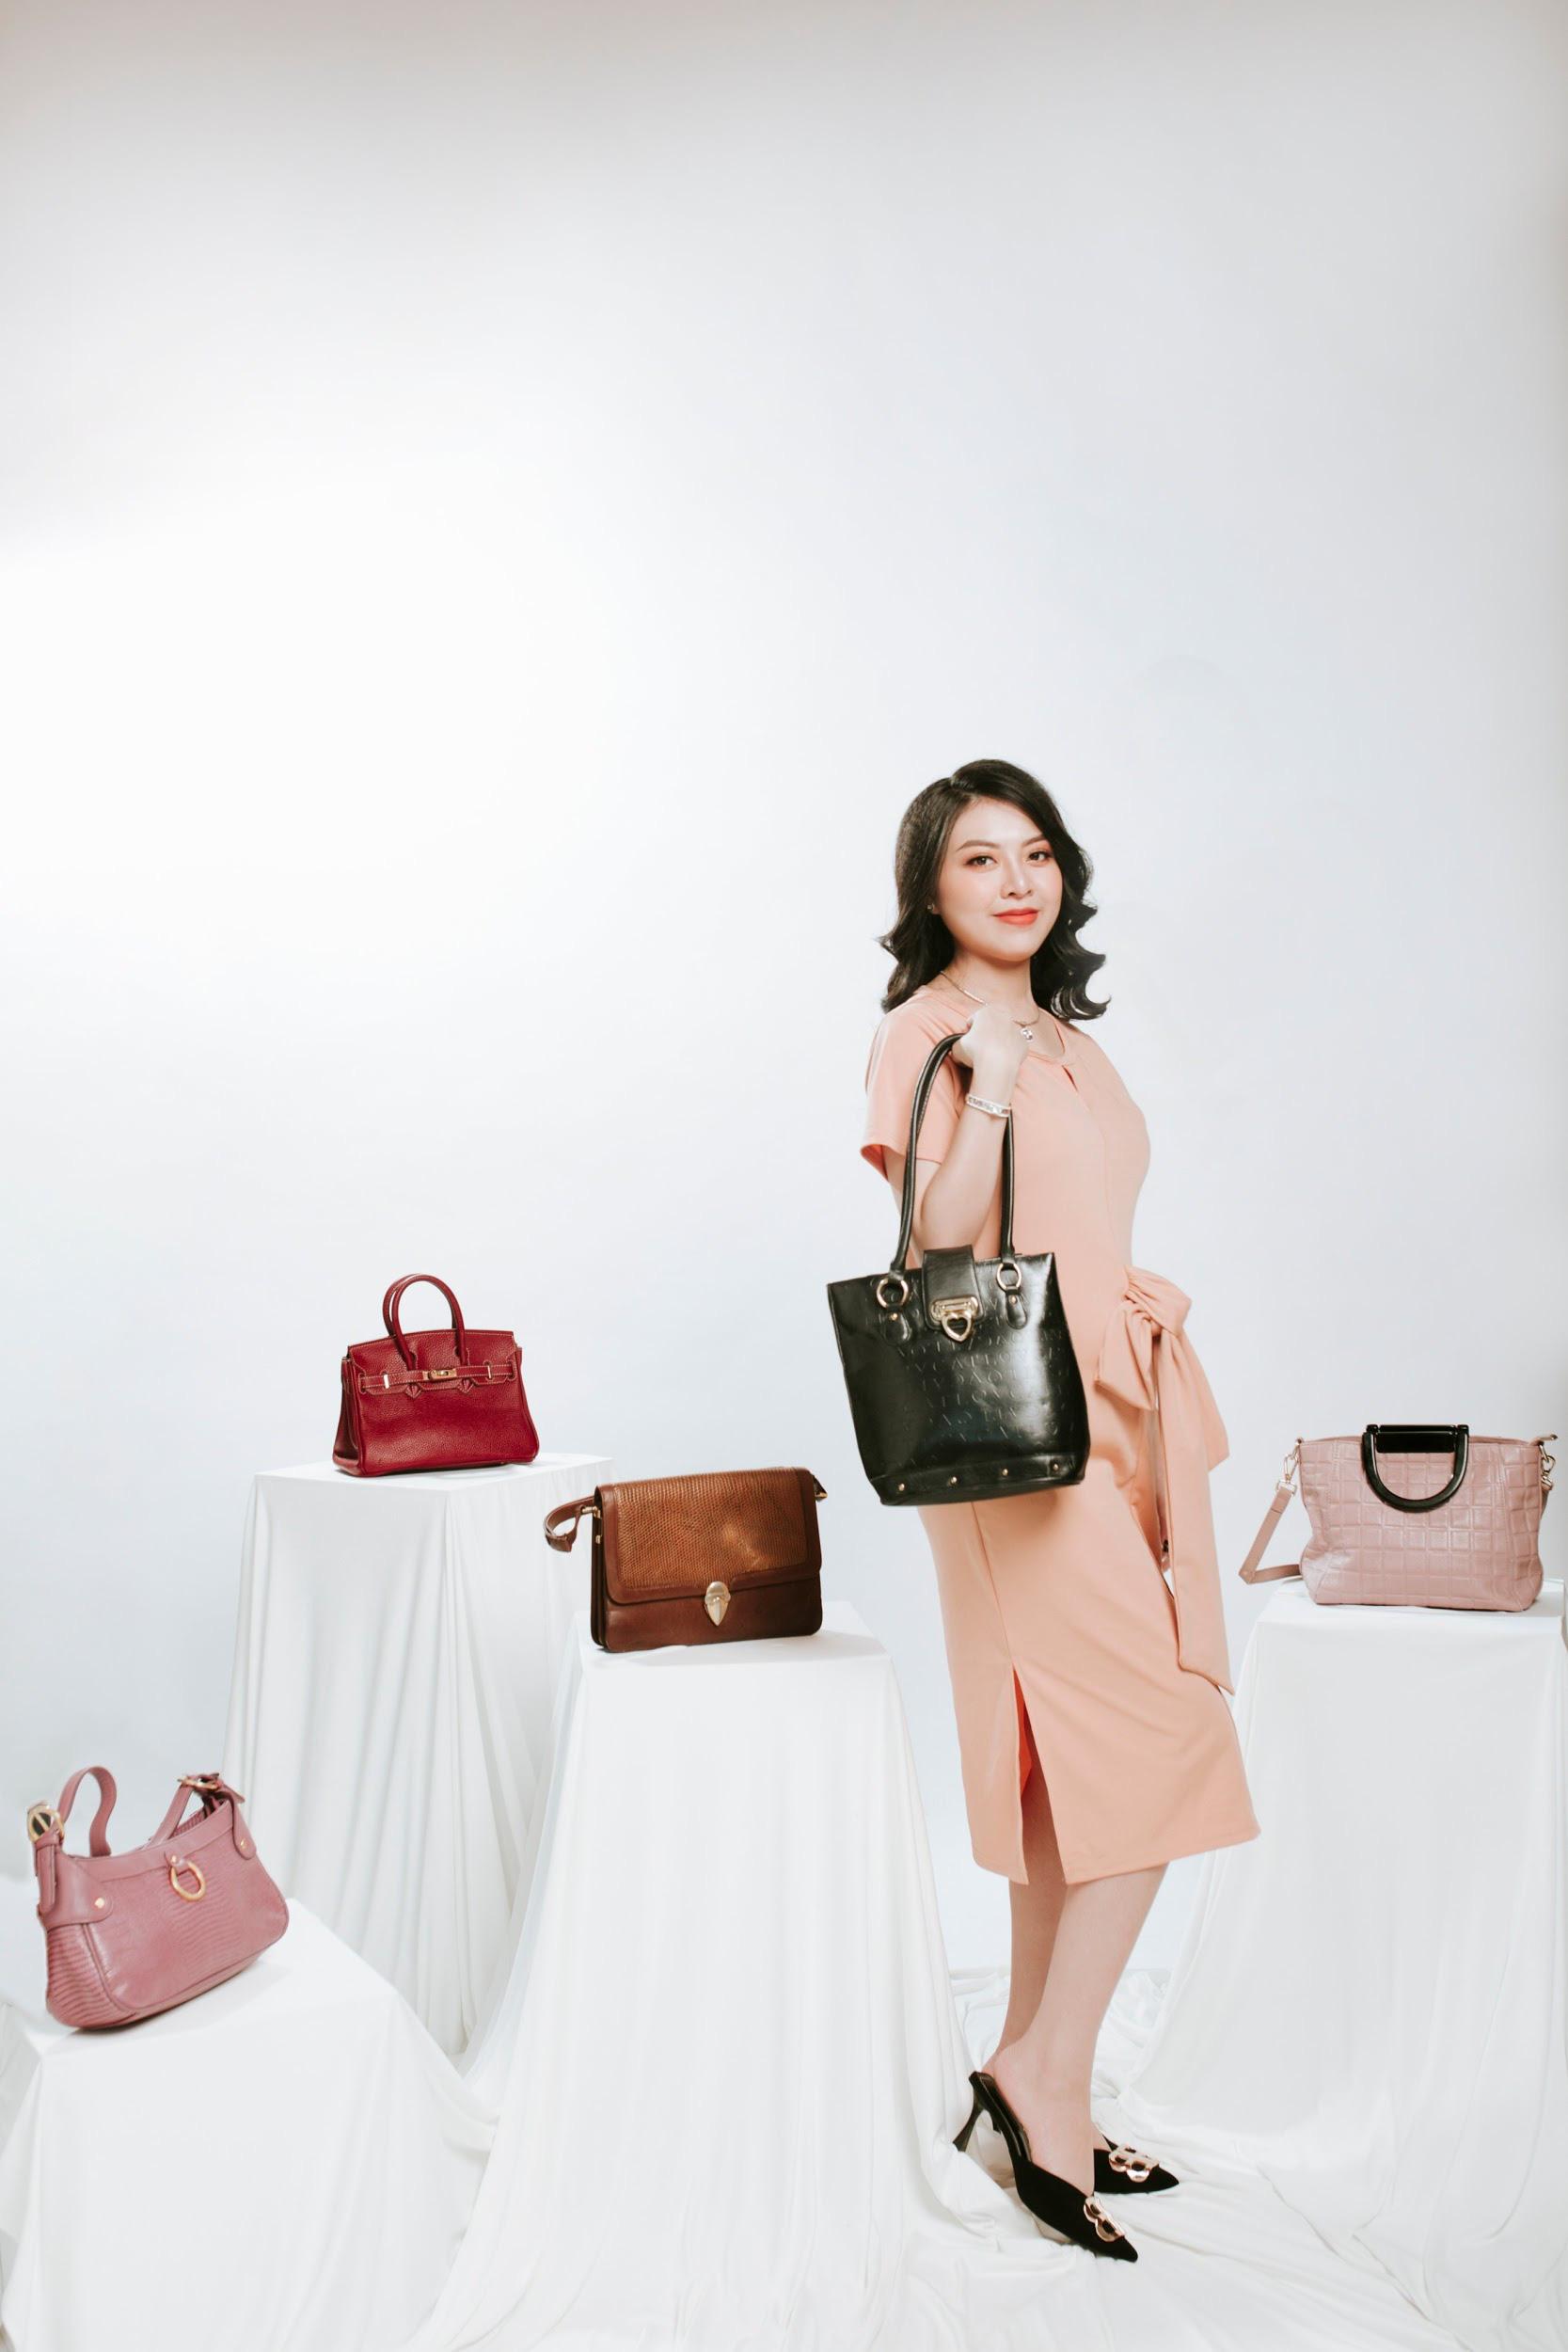 Kết hợp túi xách, diện đồ công sở sành điệu cùng Ngọc Quyên Shop - Ảnh 2.